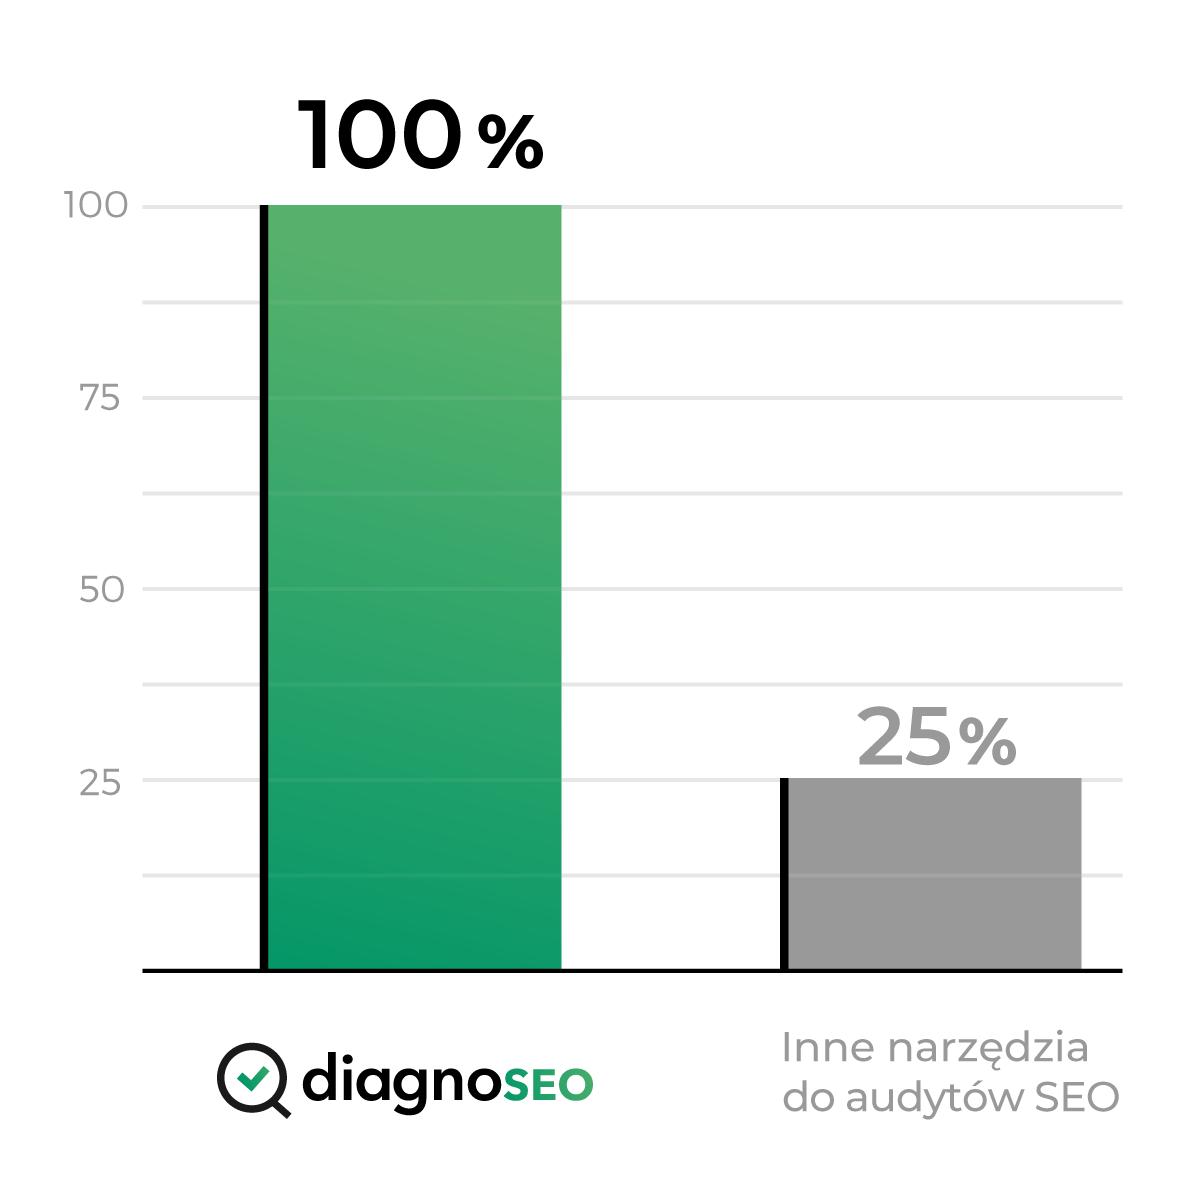 DiagnoSEO - porównanie narzędzi SEO